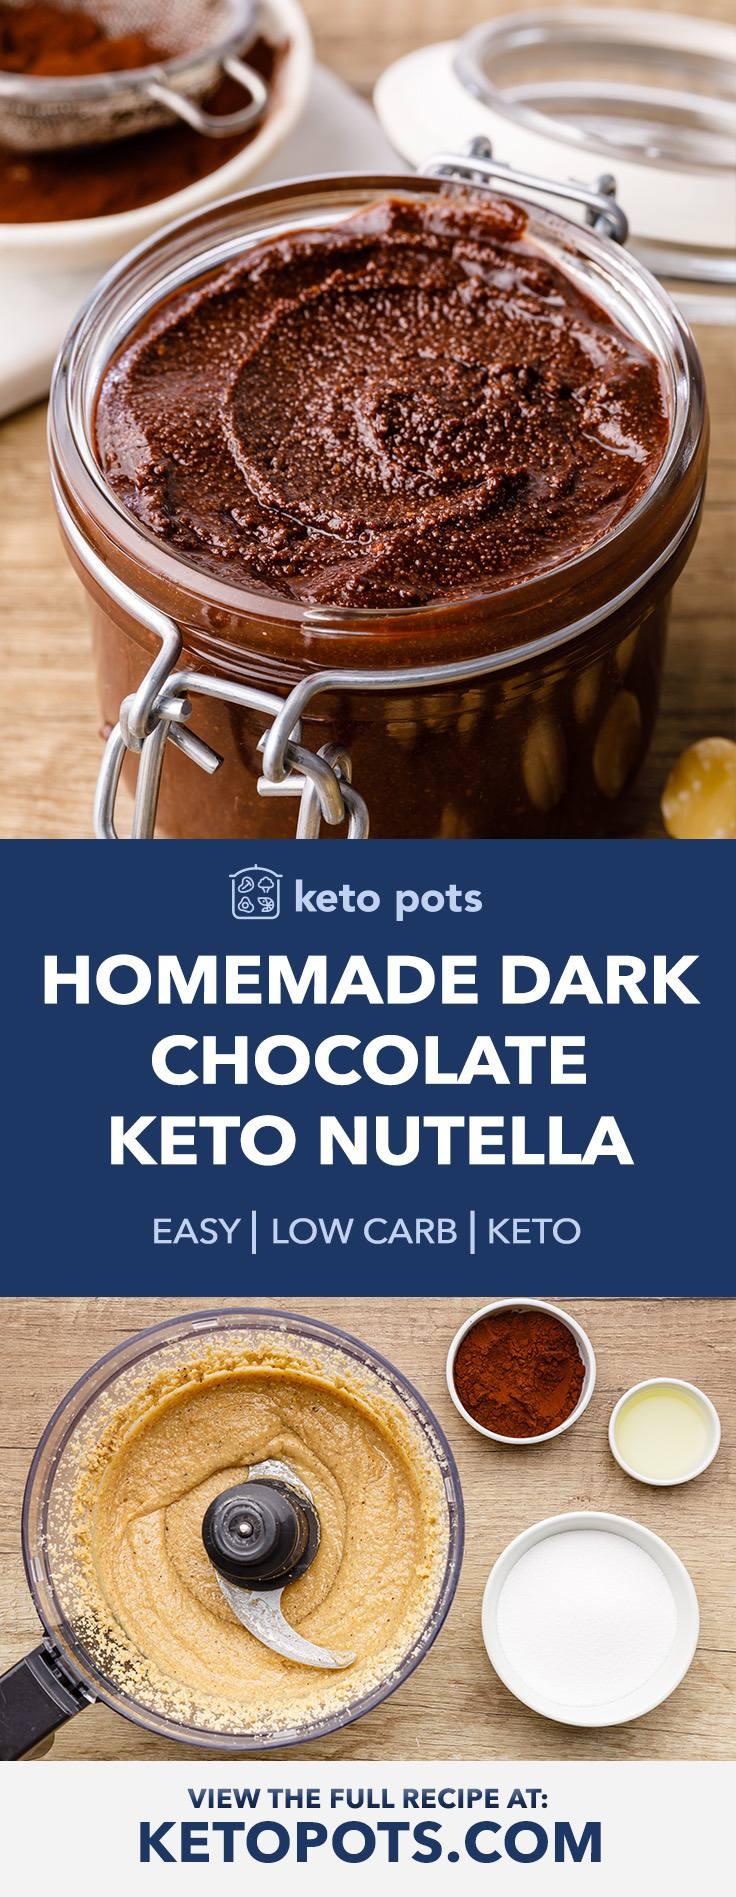 Homemade Dark Chocolate Keto Nutella